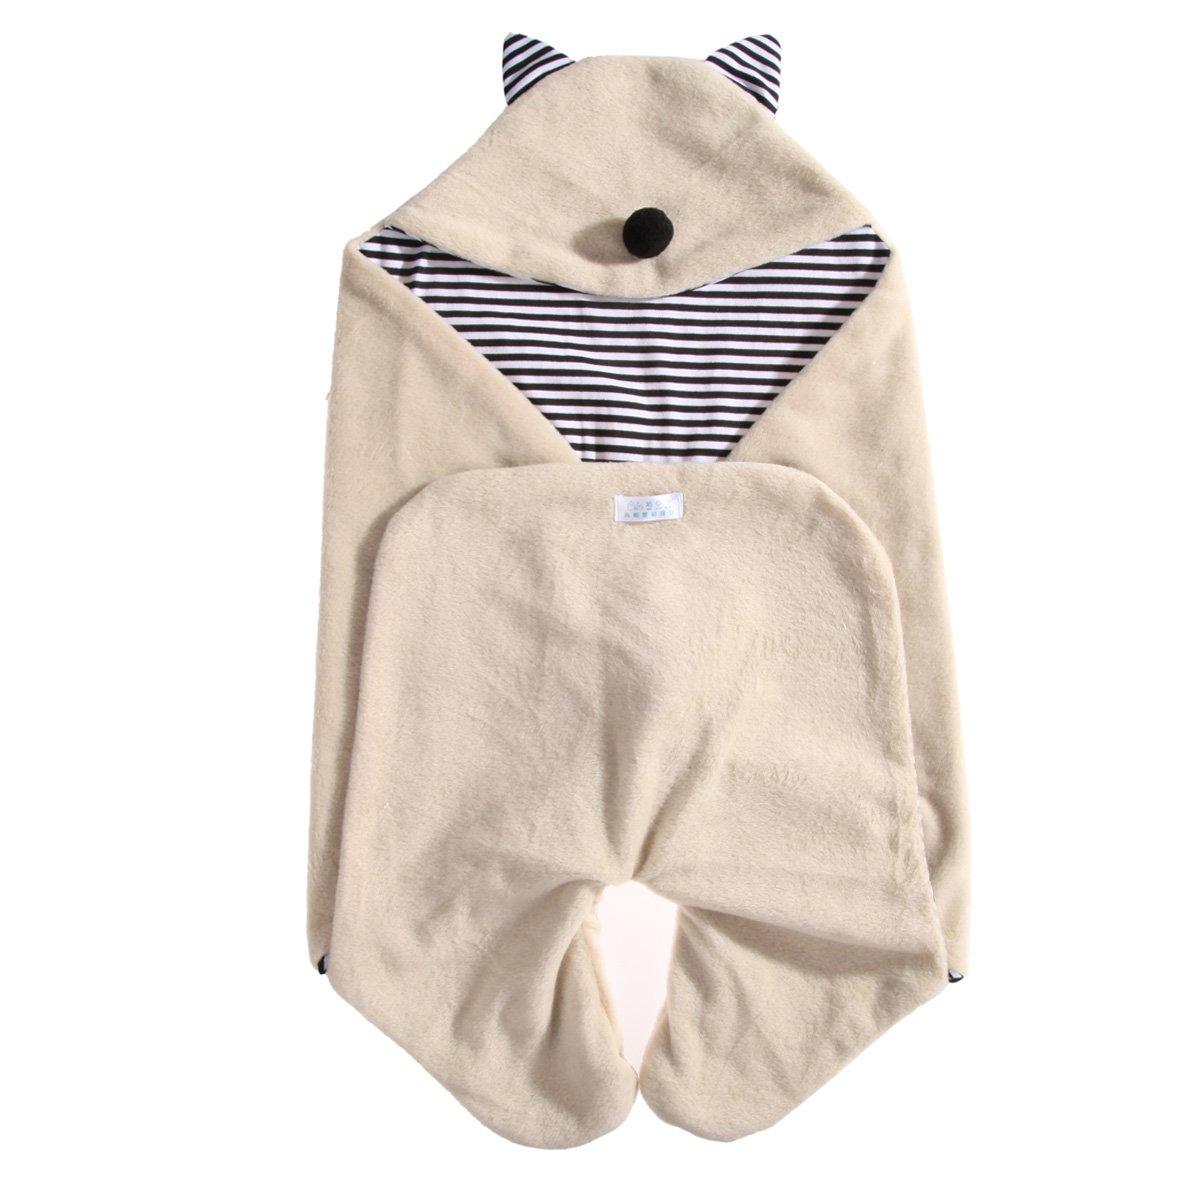 Silveroneuk - Manta para bebé recién nacido, saco de dormir, saco de dormir, cochecito 95480